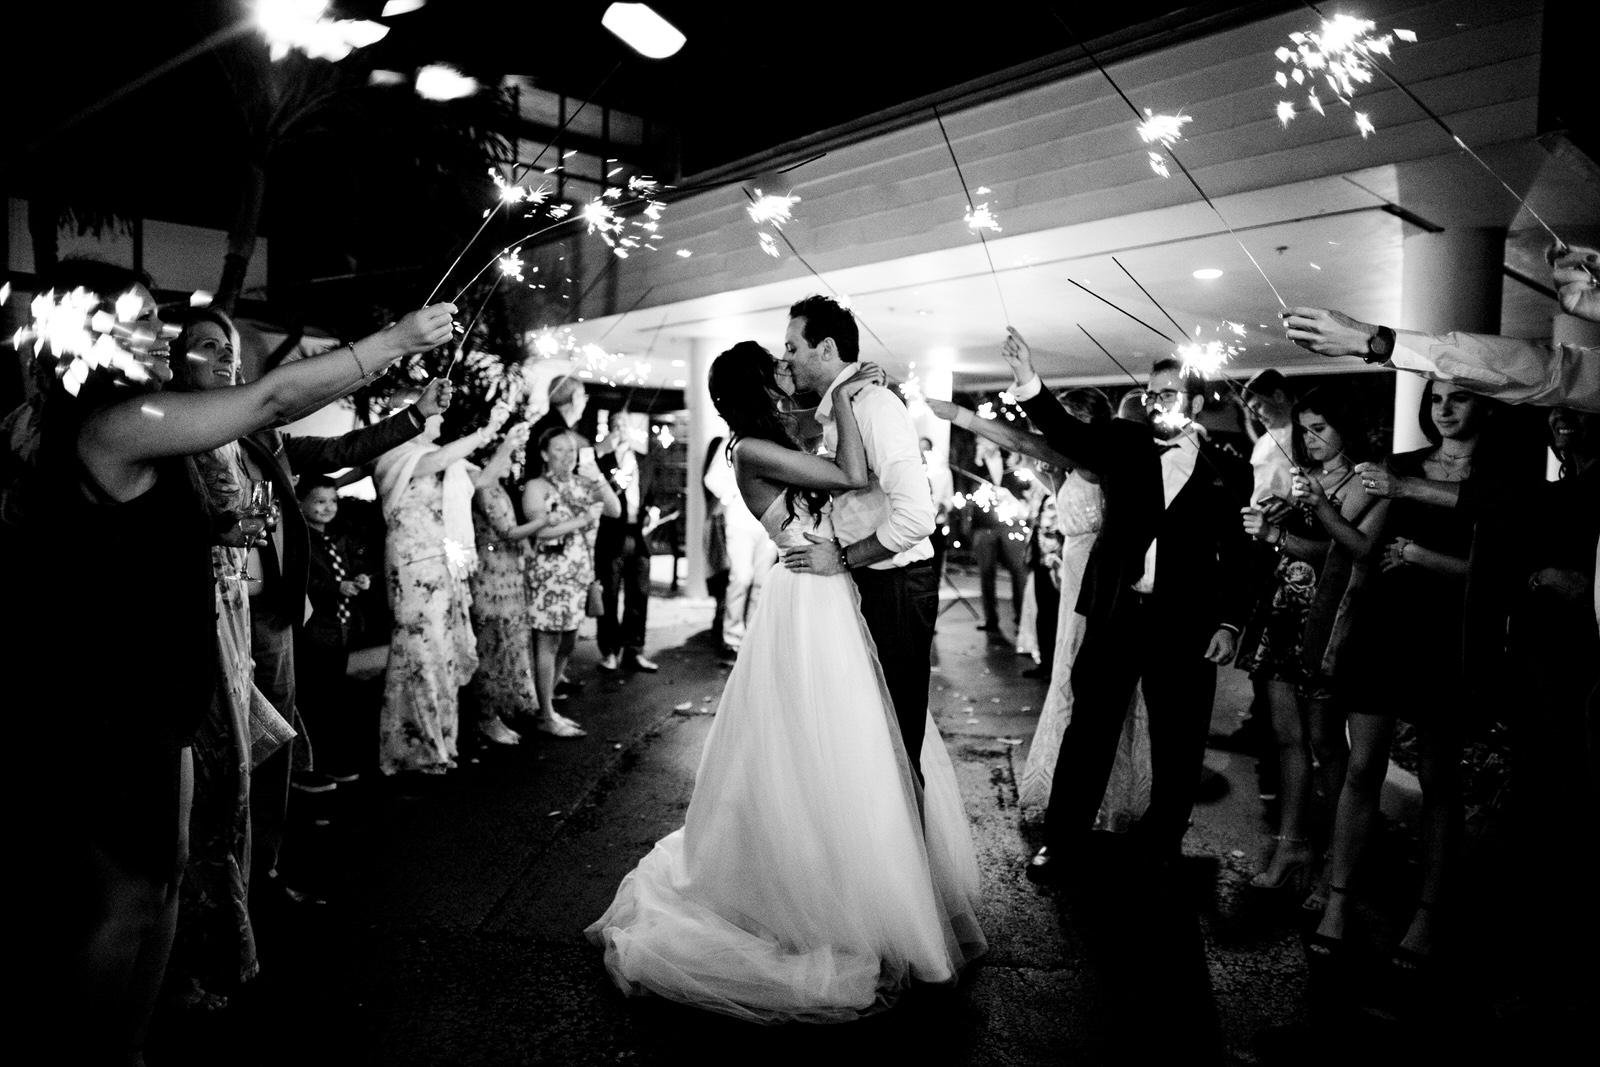 jensen_beach_wedding_reception_shayda_will-137.jpg